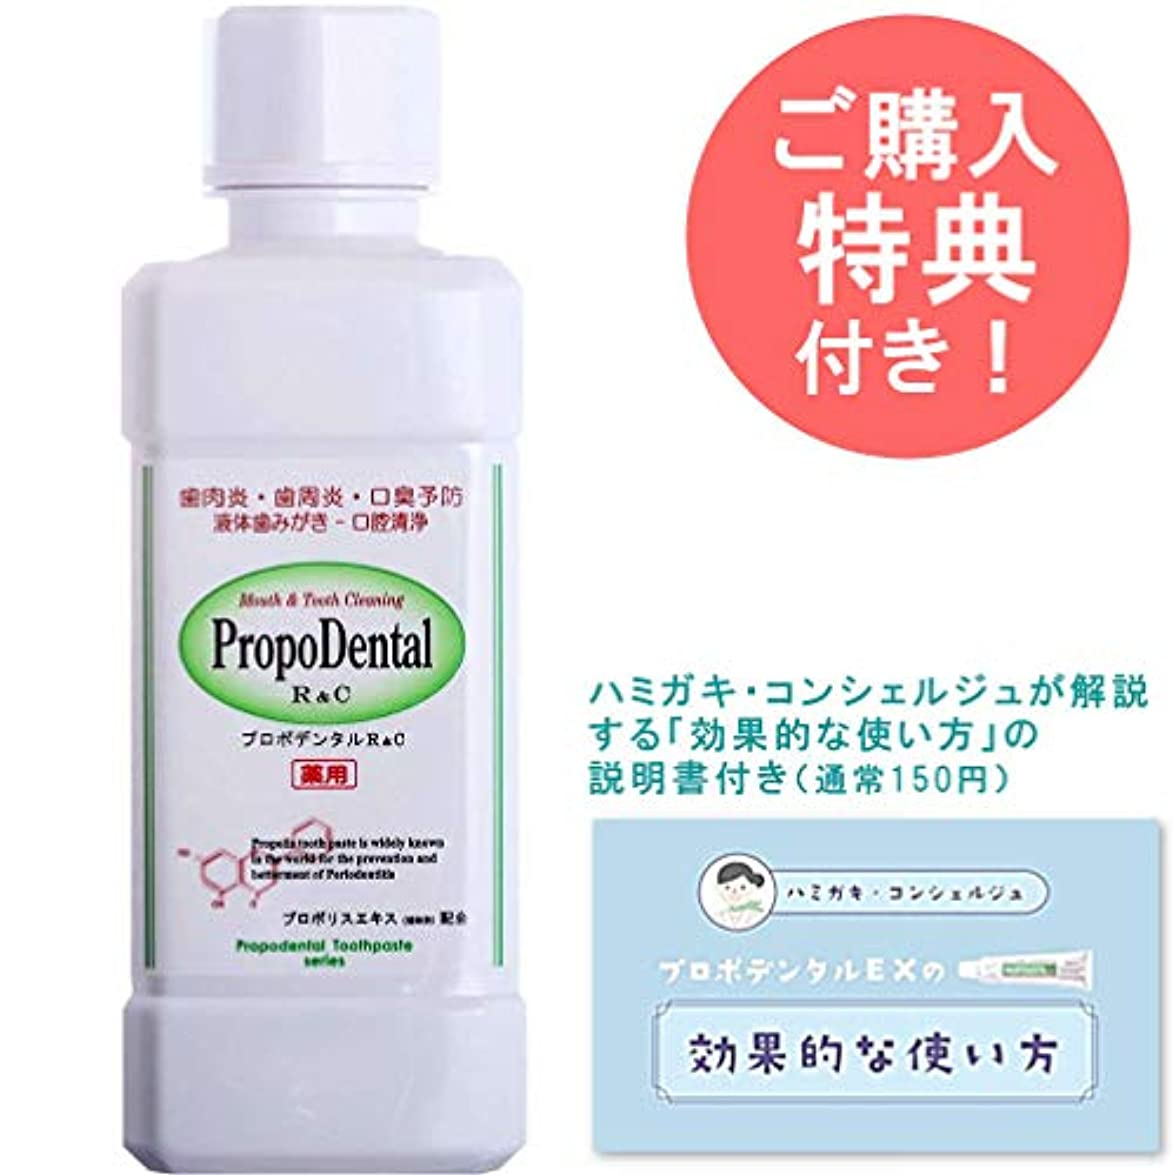 キャンバス試験ペナルティ薬用液体ハミガキ プロポデンタルリンスR&C(300ml)1本